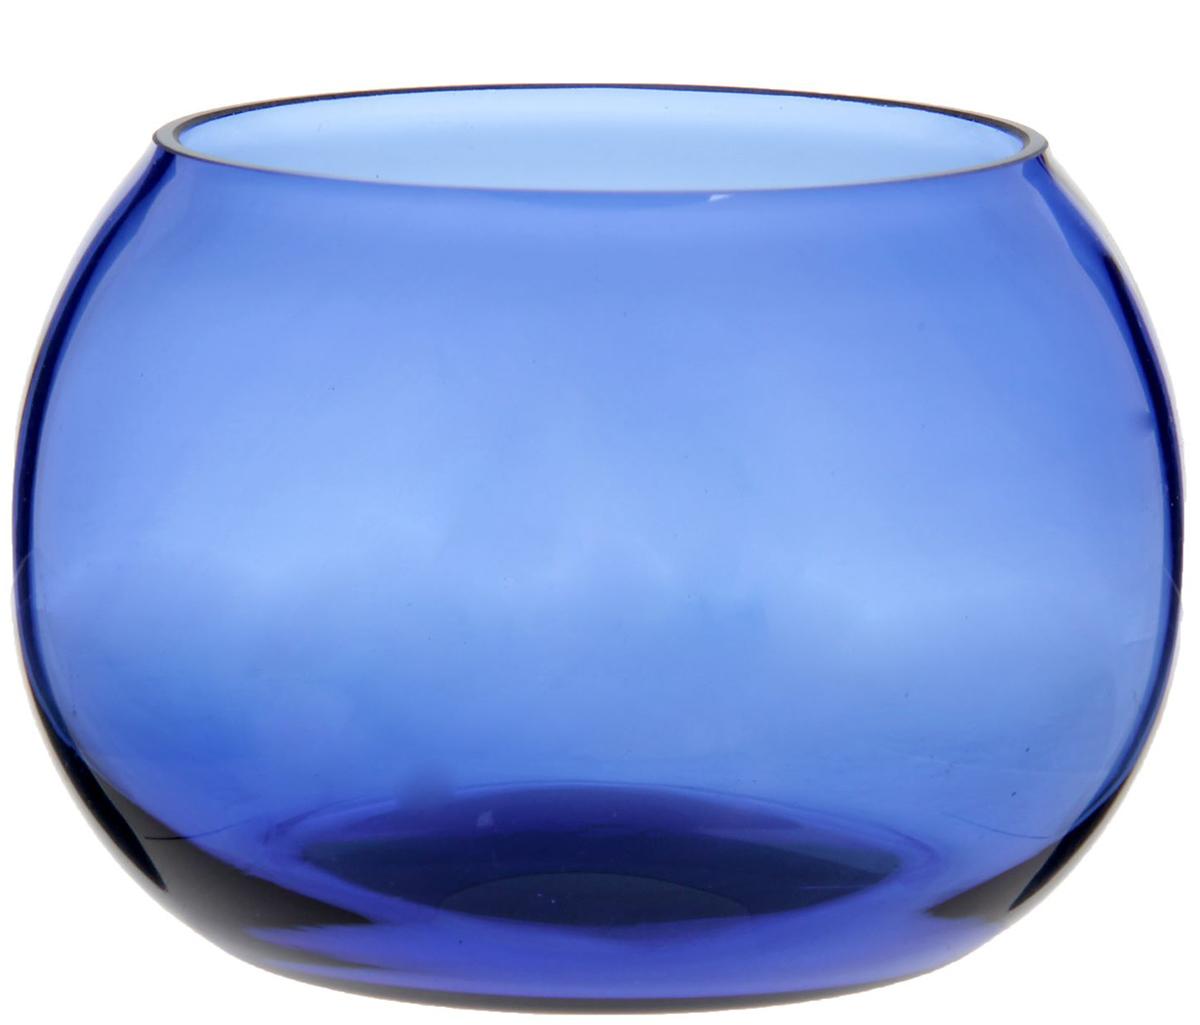 Подсвечник, цвет: синий, 10 х 10 х 7 см. 16630681663068Огонь всегда являлся символом тепла и спокойствия, поэтому изысканный Подсвечник без декора, круглый, синий станет прекрасным подарком и украшением любого интерьера. Он будет радовать вас и ваших близких каждый вечер. Изделие отлично смотрится на журнальном столике или на полочке с книгами, обращает на себя внимание своими изящностью и лаконичностью, а пламя внутри него заворожит вас игрой.